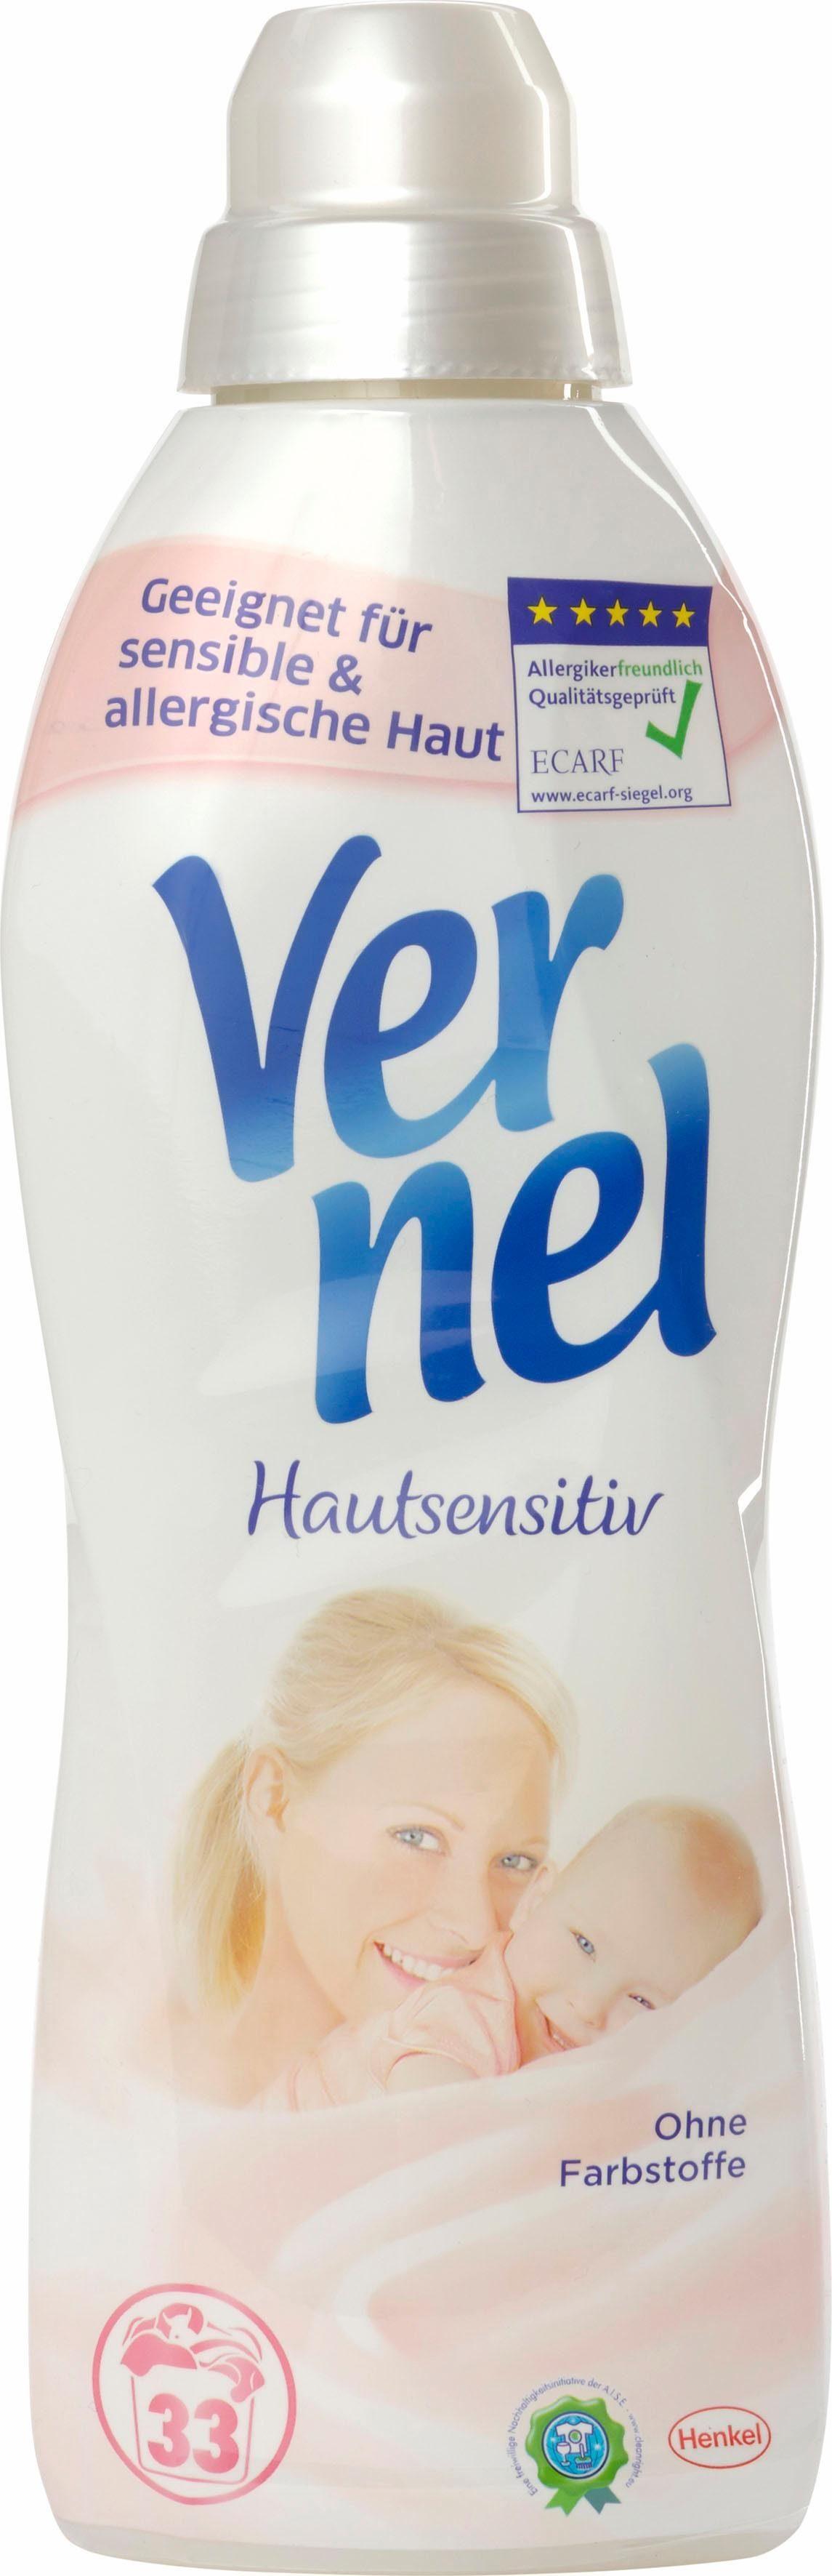 Vernel, »Vernel Weichspüler«, Weichspüler 1 Liter